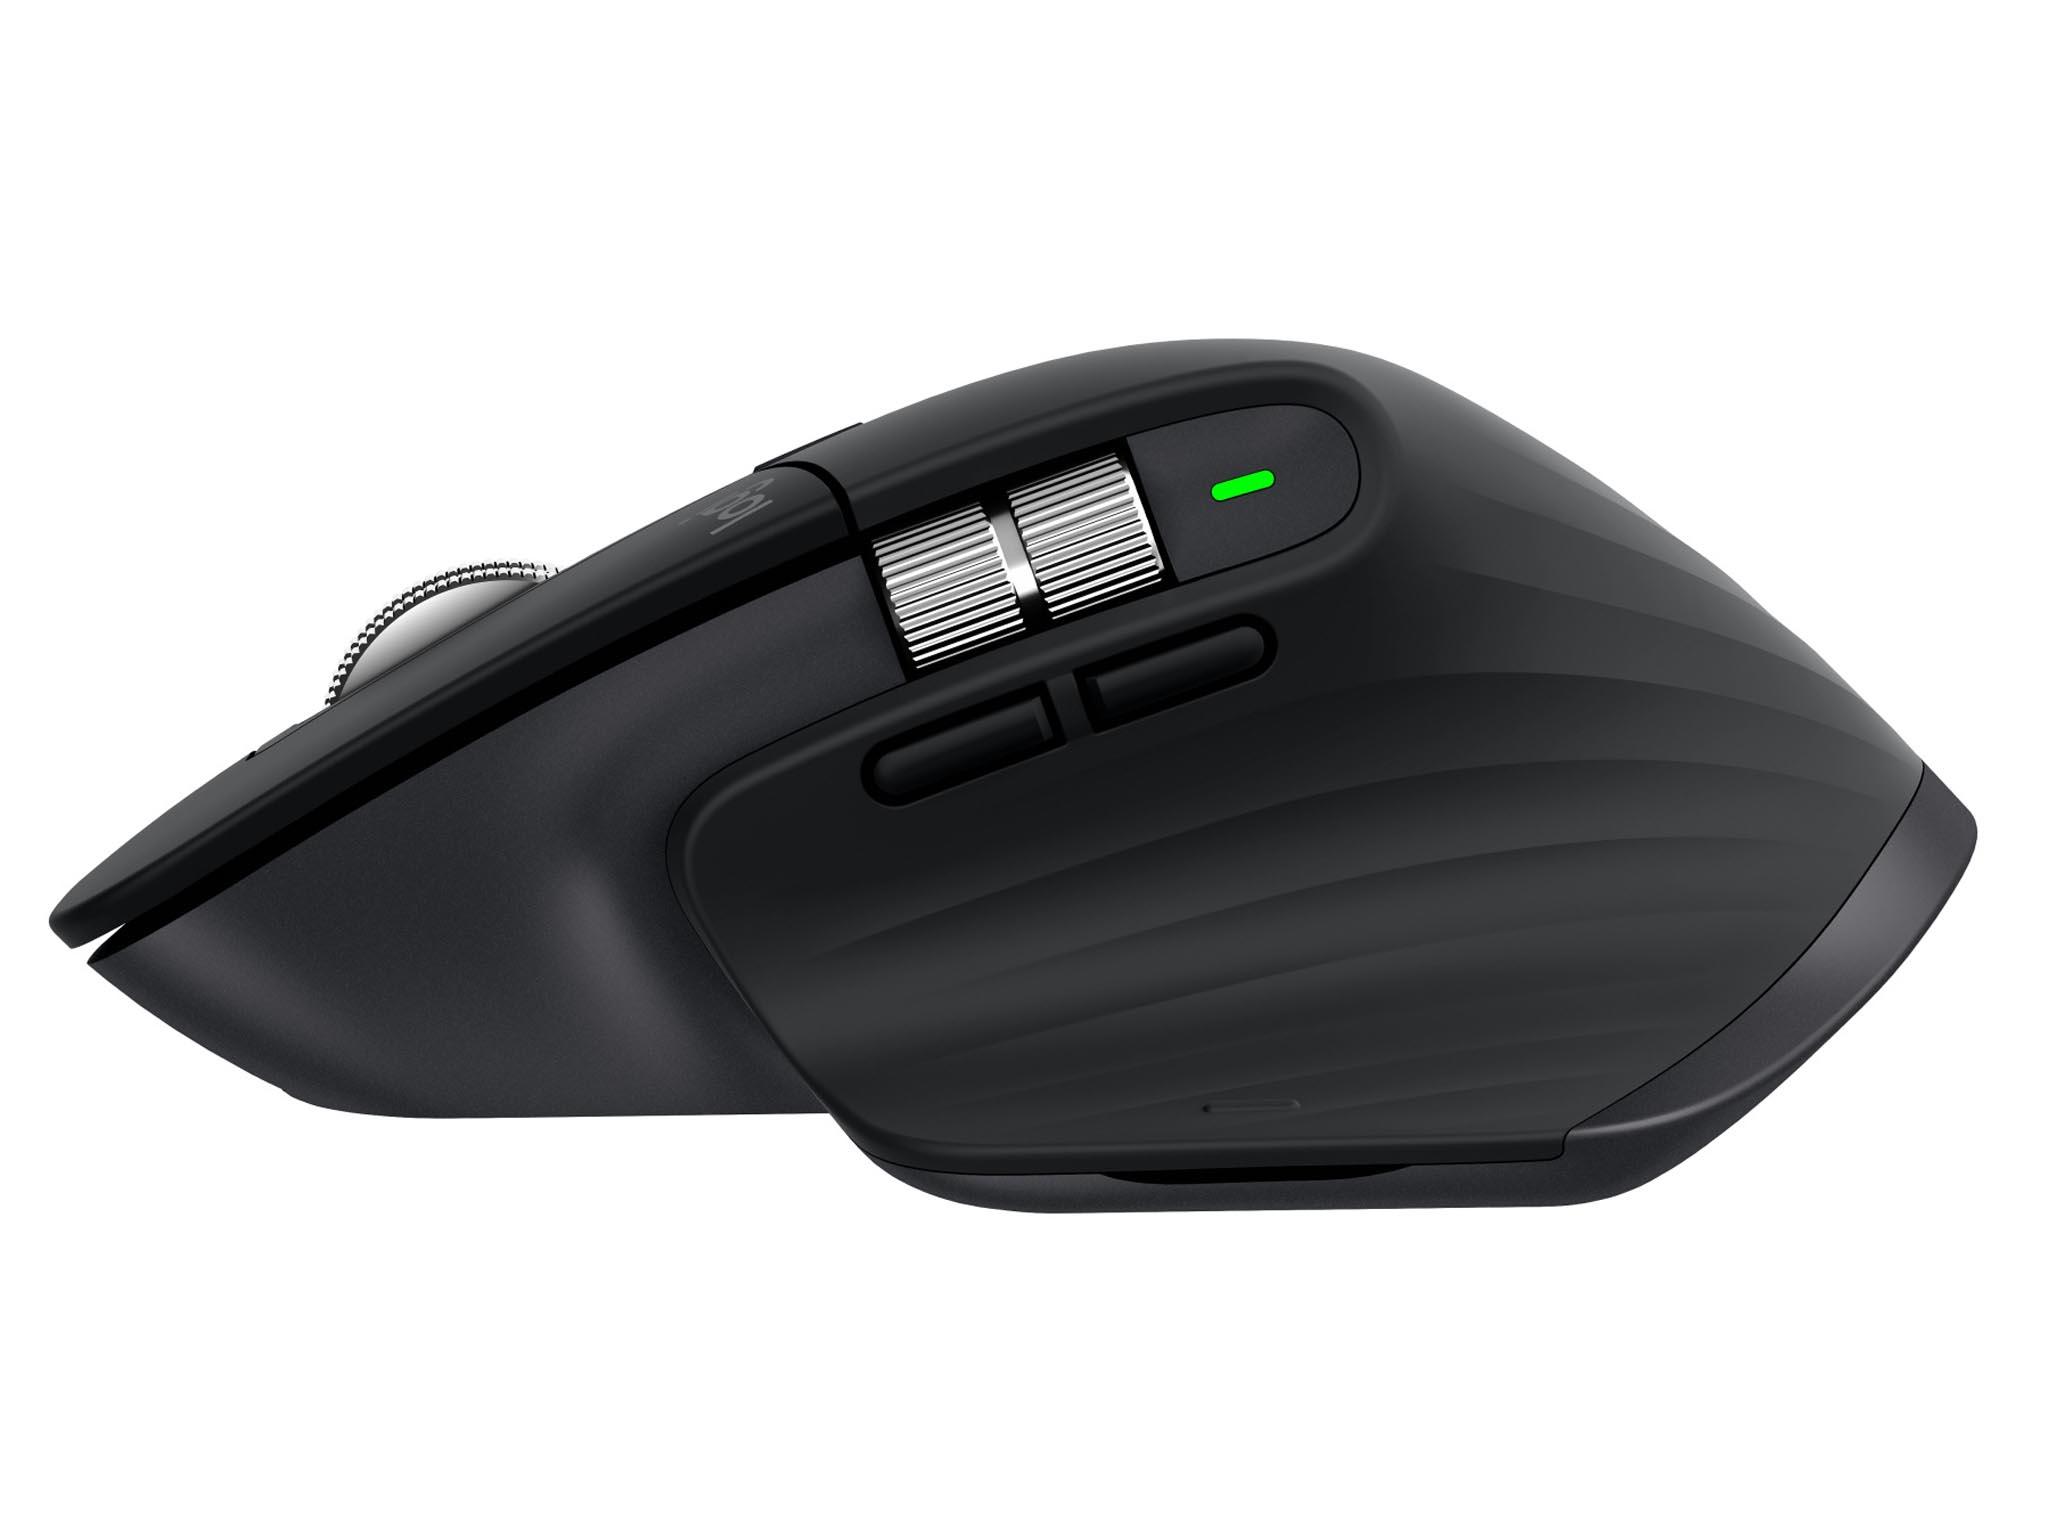 Nejnovější model profesionální kancelářské myši MX Master 3 má velkou podložku pro palec, osm tlačítek anové scrollovací kolečko poháněné elektromagnetem.